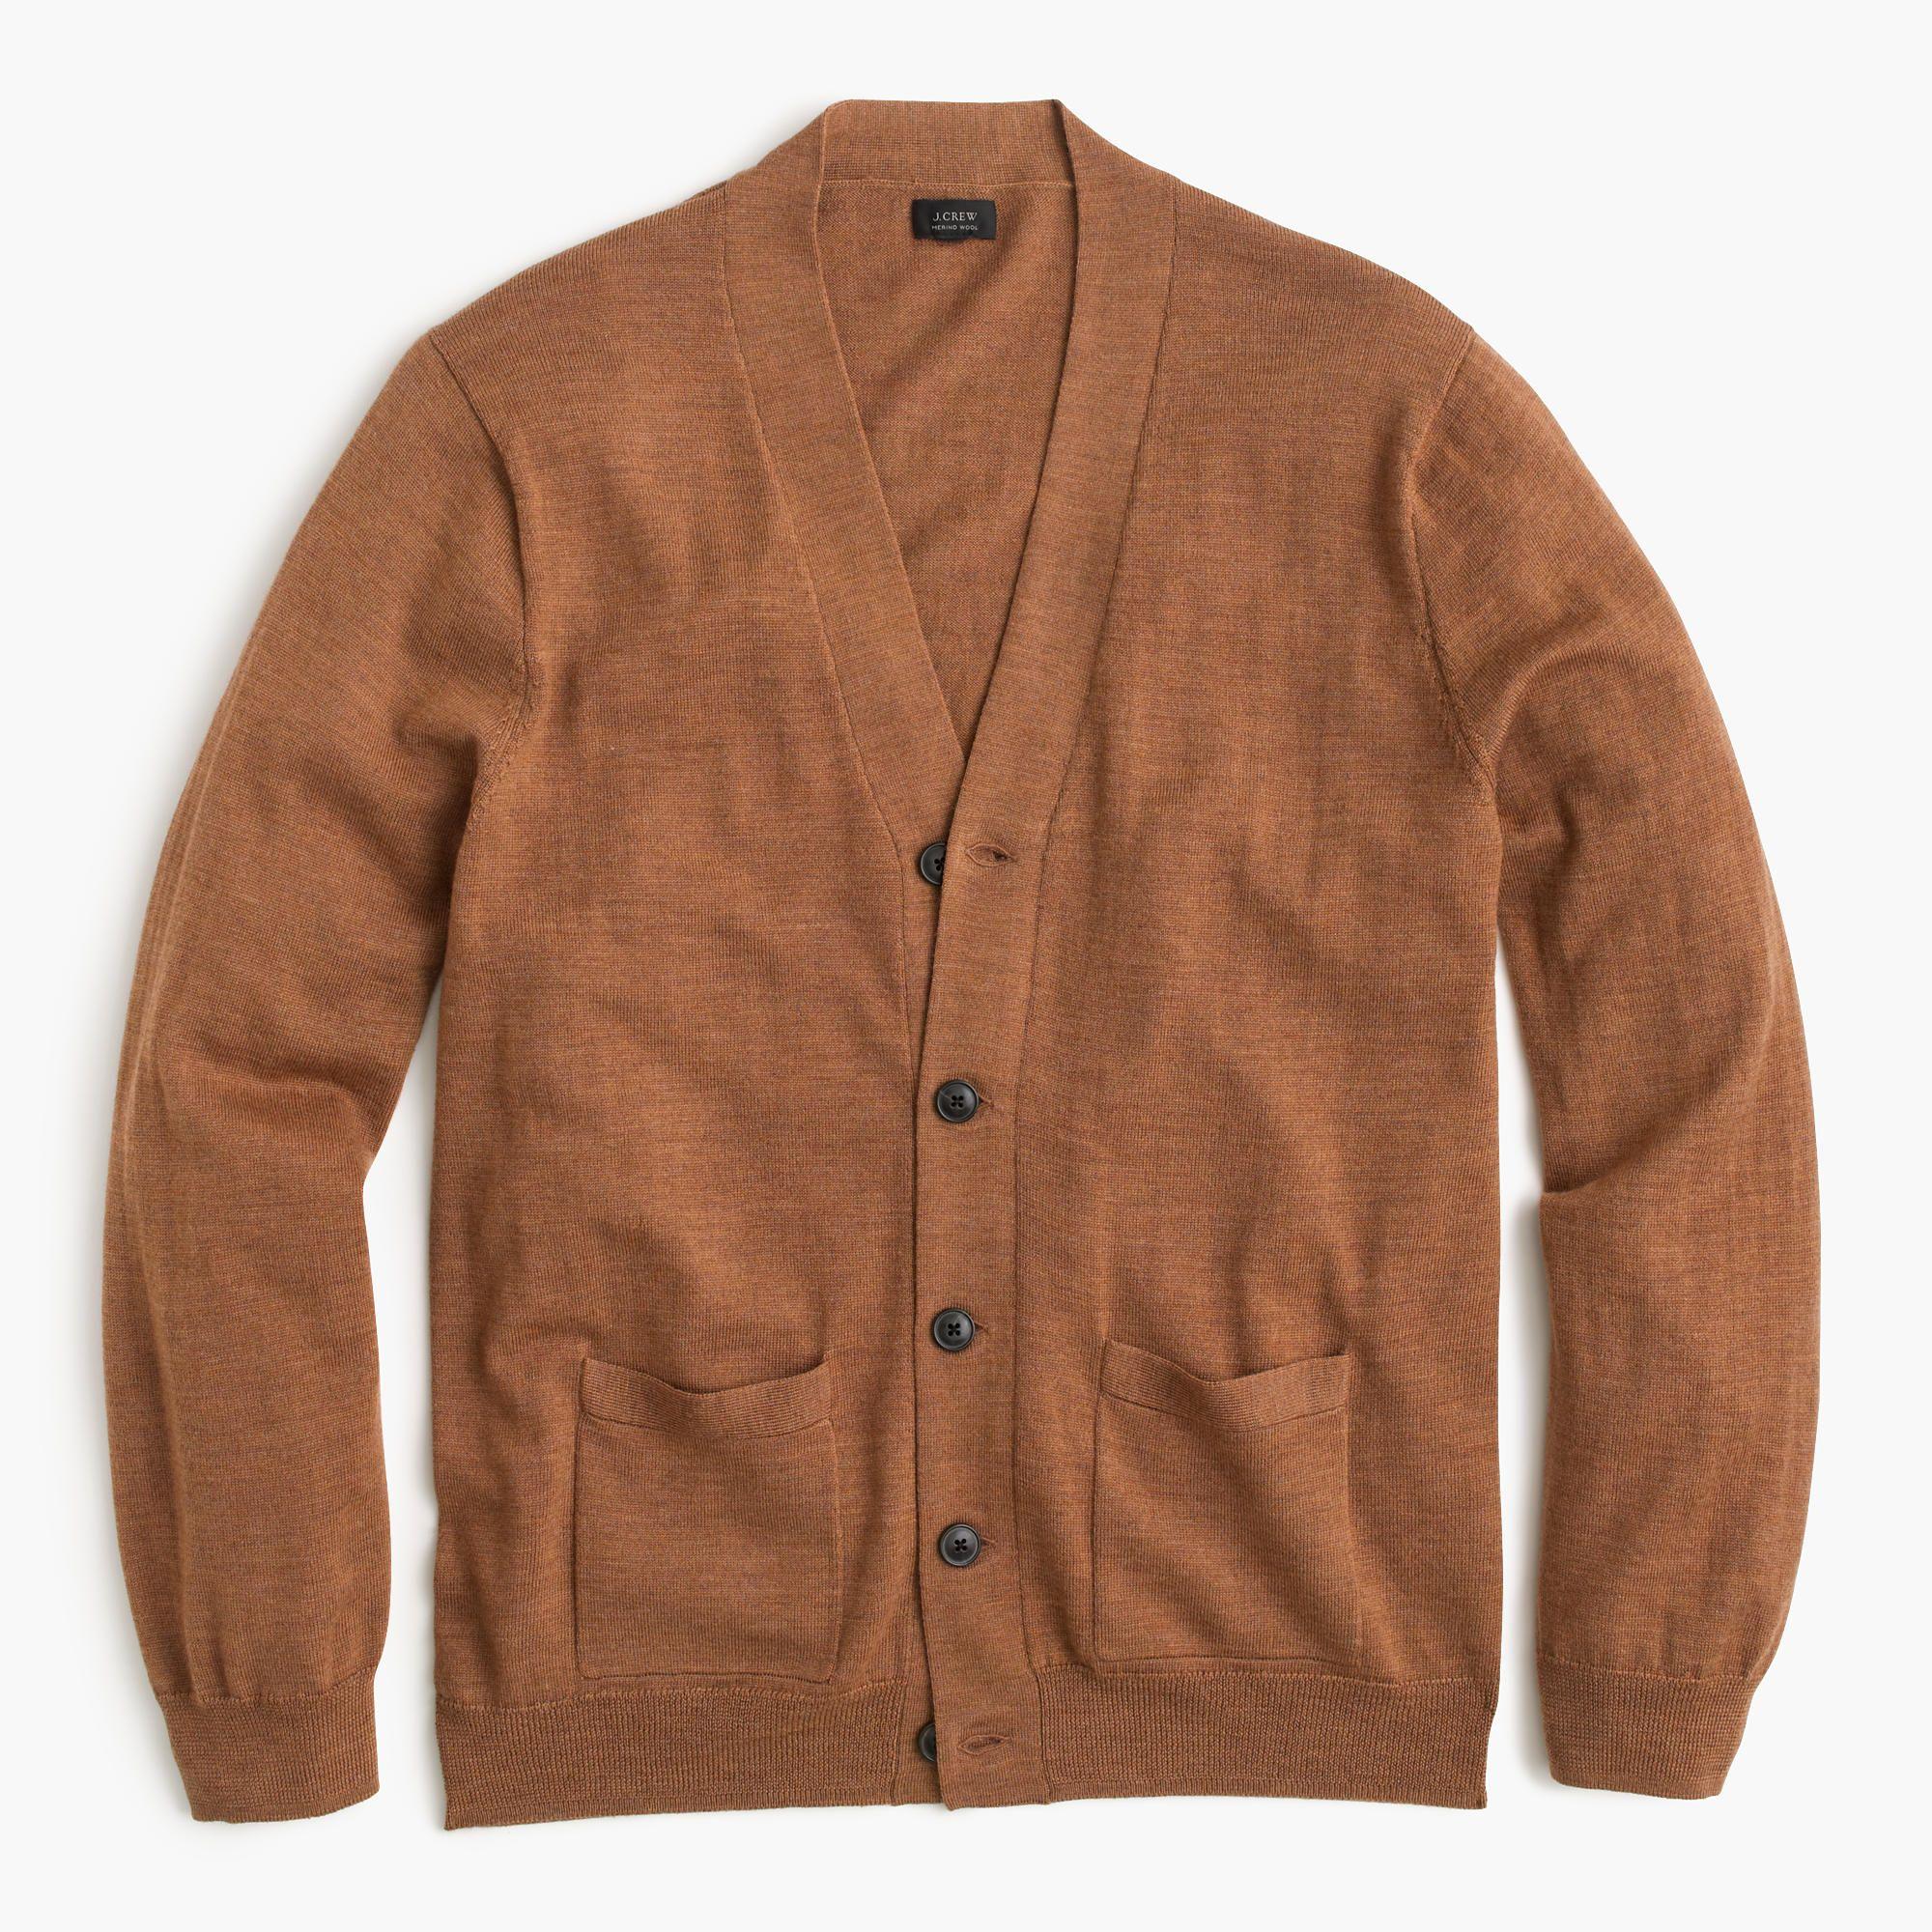 J.Crew Mens Merino Wool Cardigan Sweater (Size L) | Wool cardigan ...